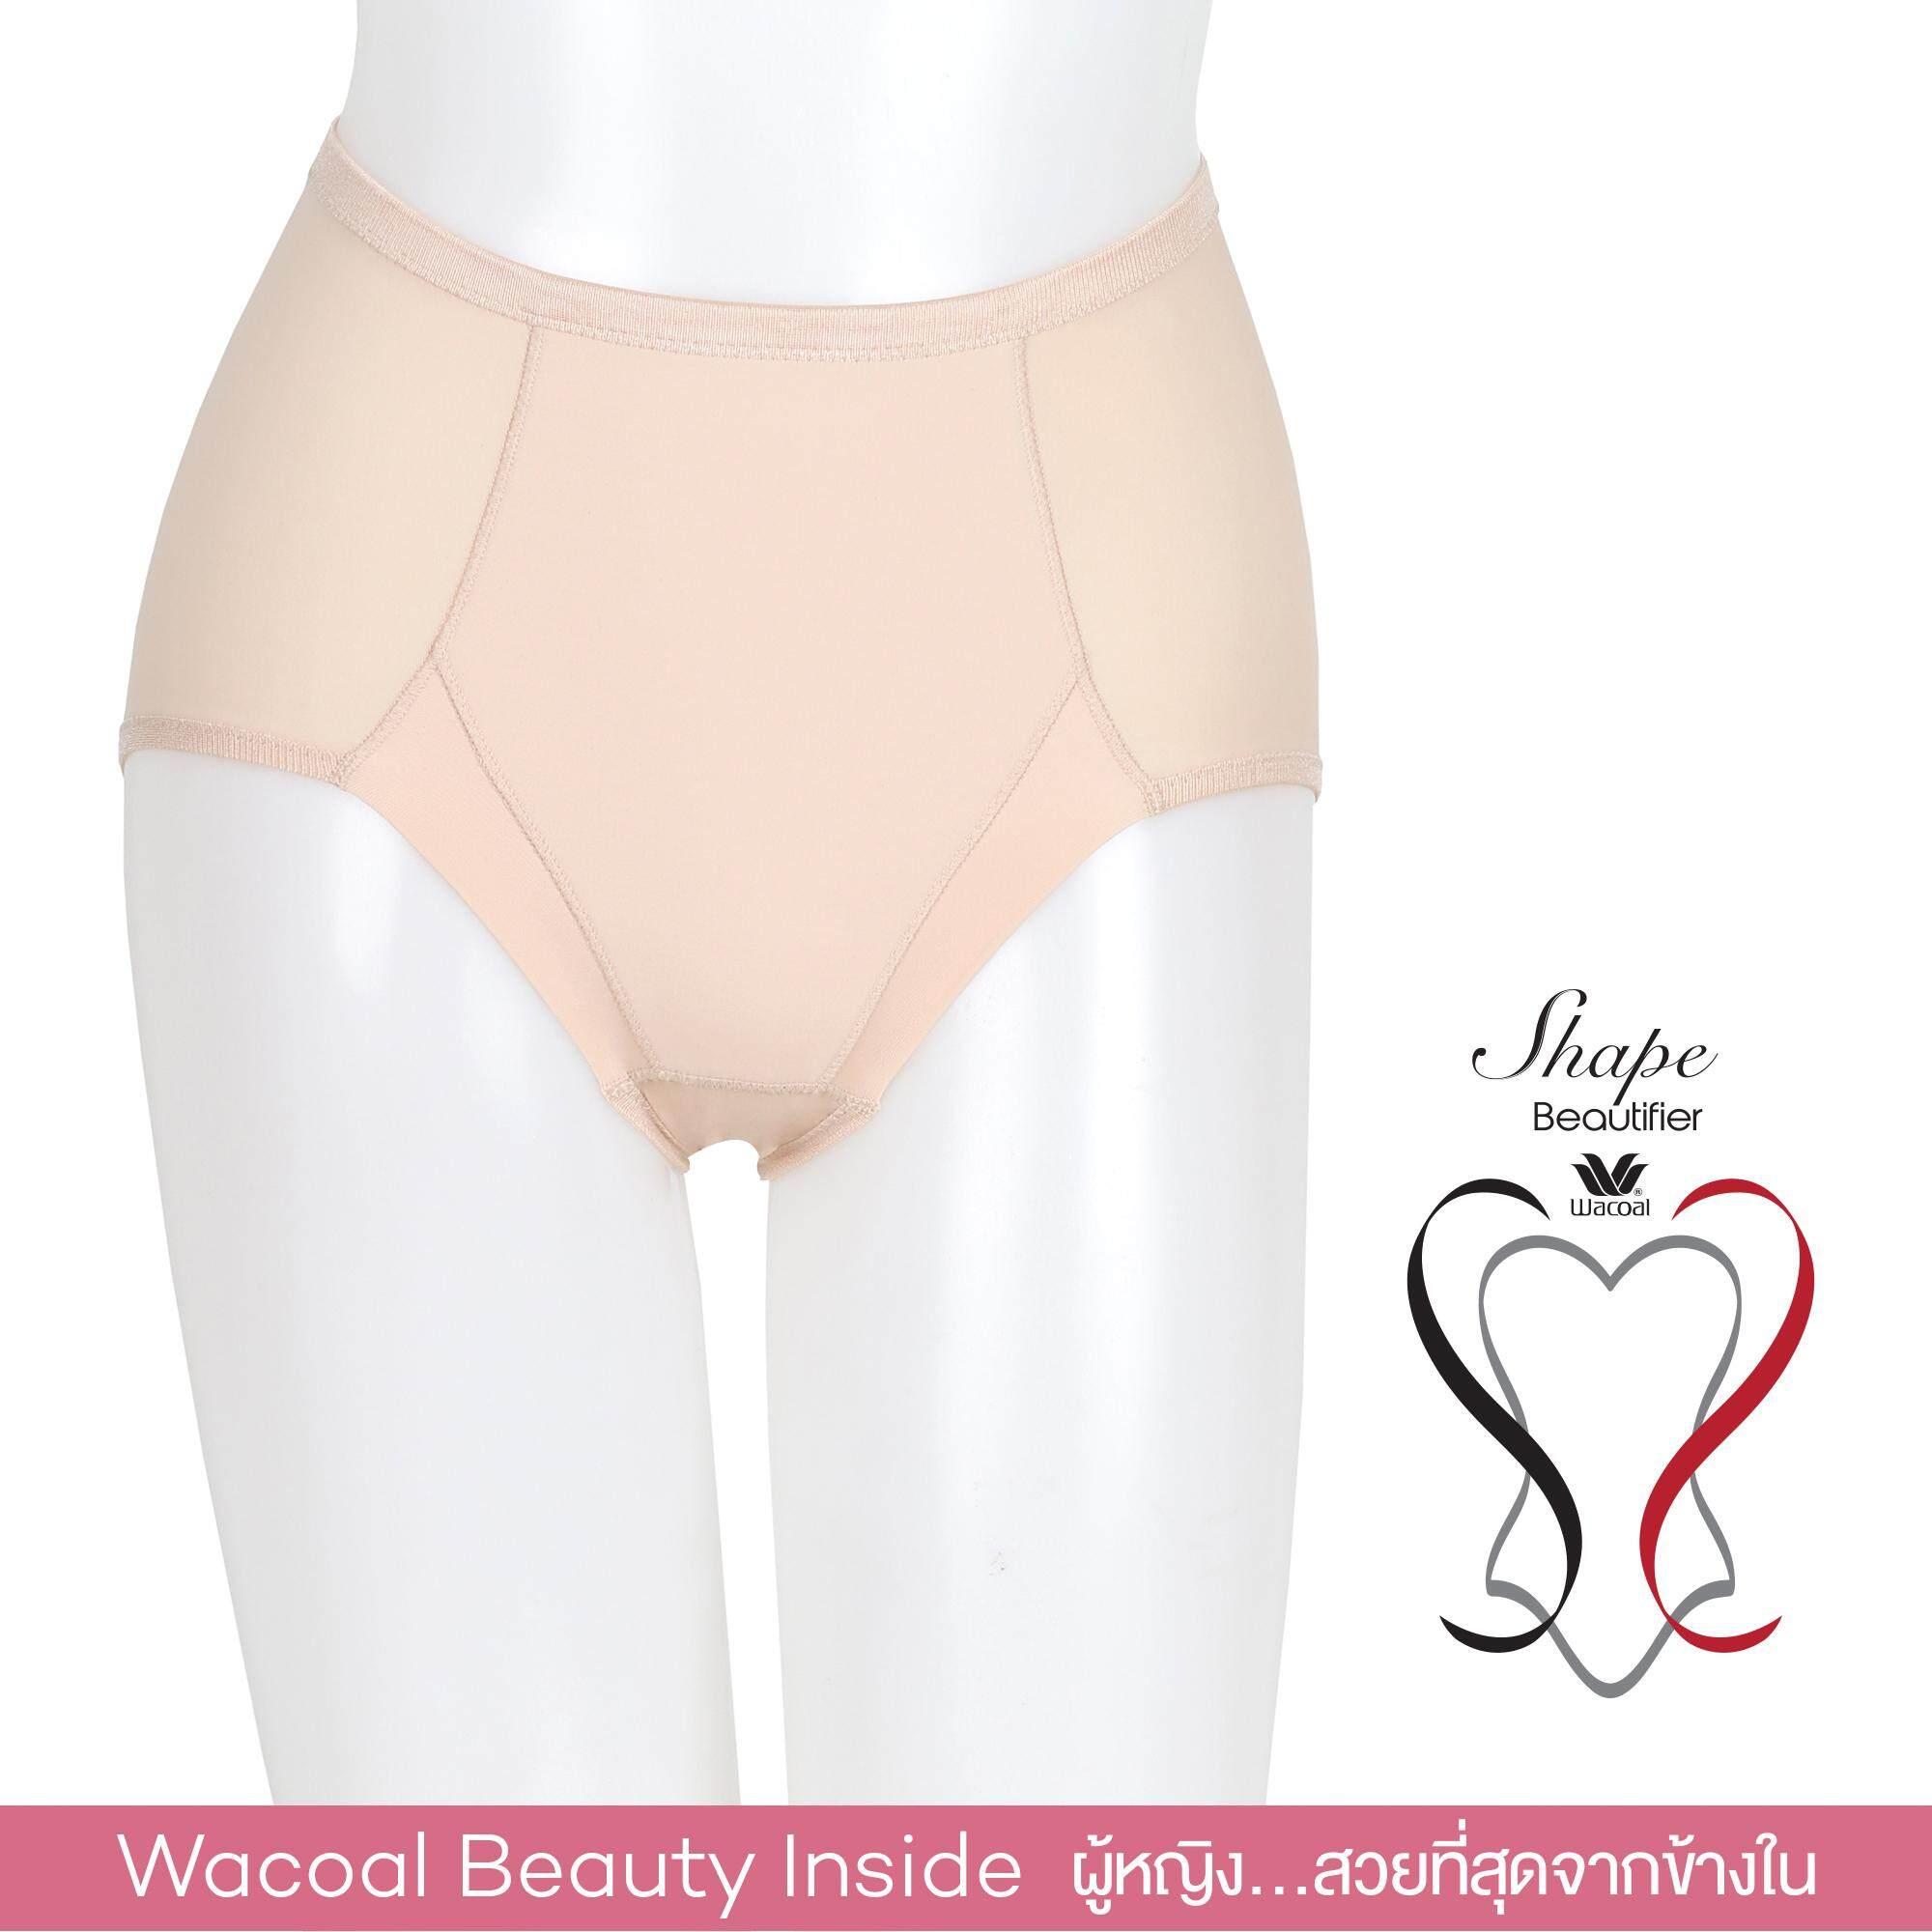 Wacoal Shape Beautifier Pants กางเกงเก็บกระชับ - WY9103